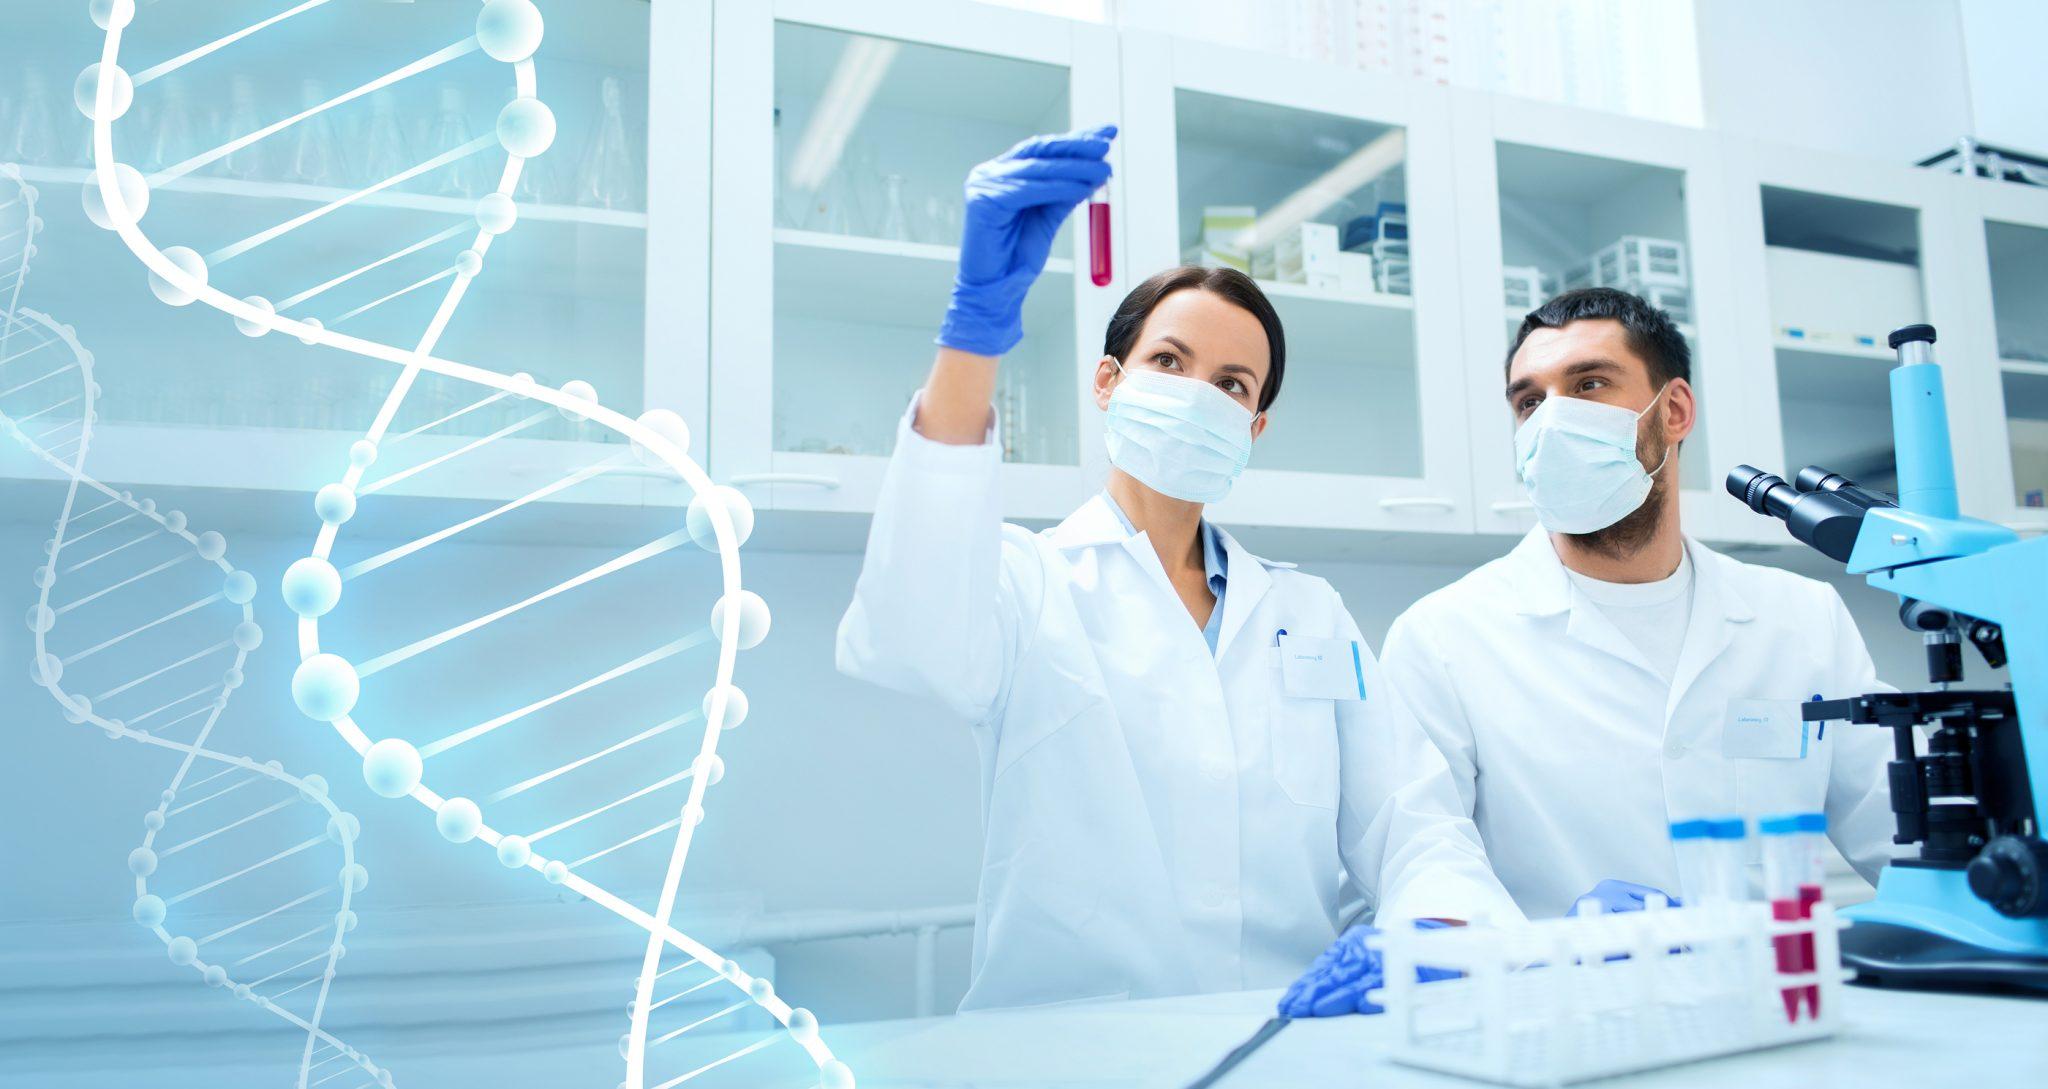 bigstock-science-chemistry-technology-91977365